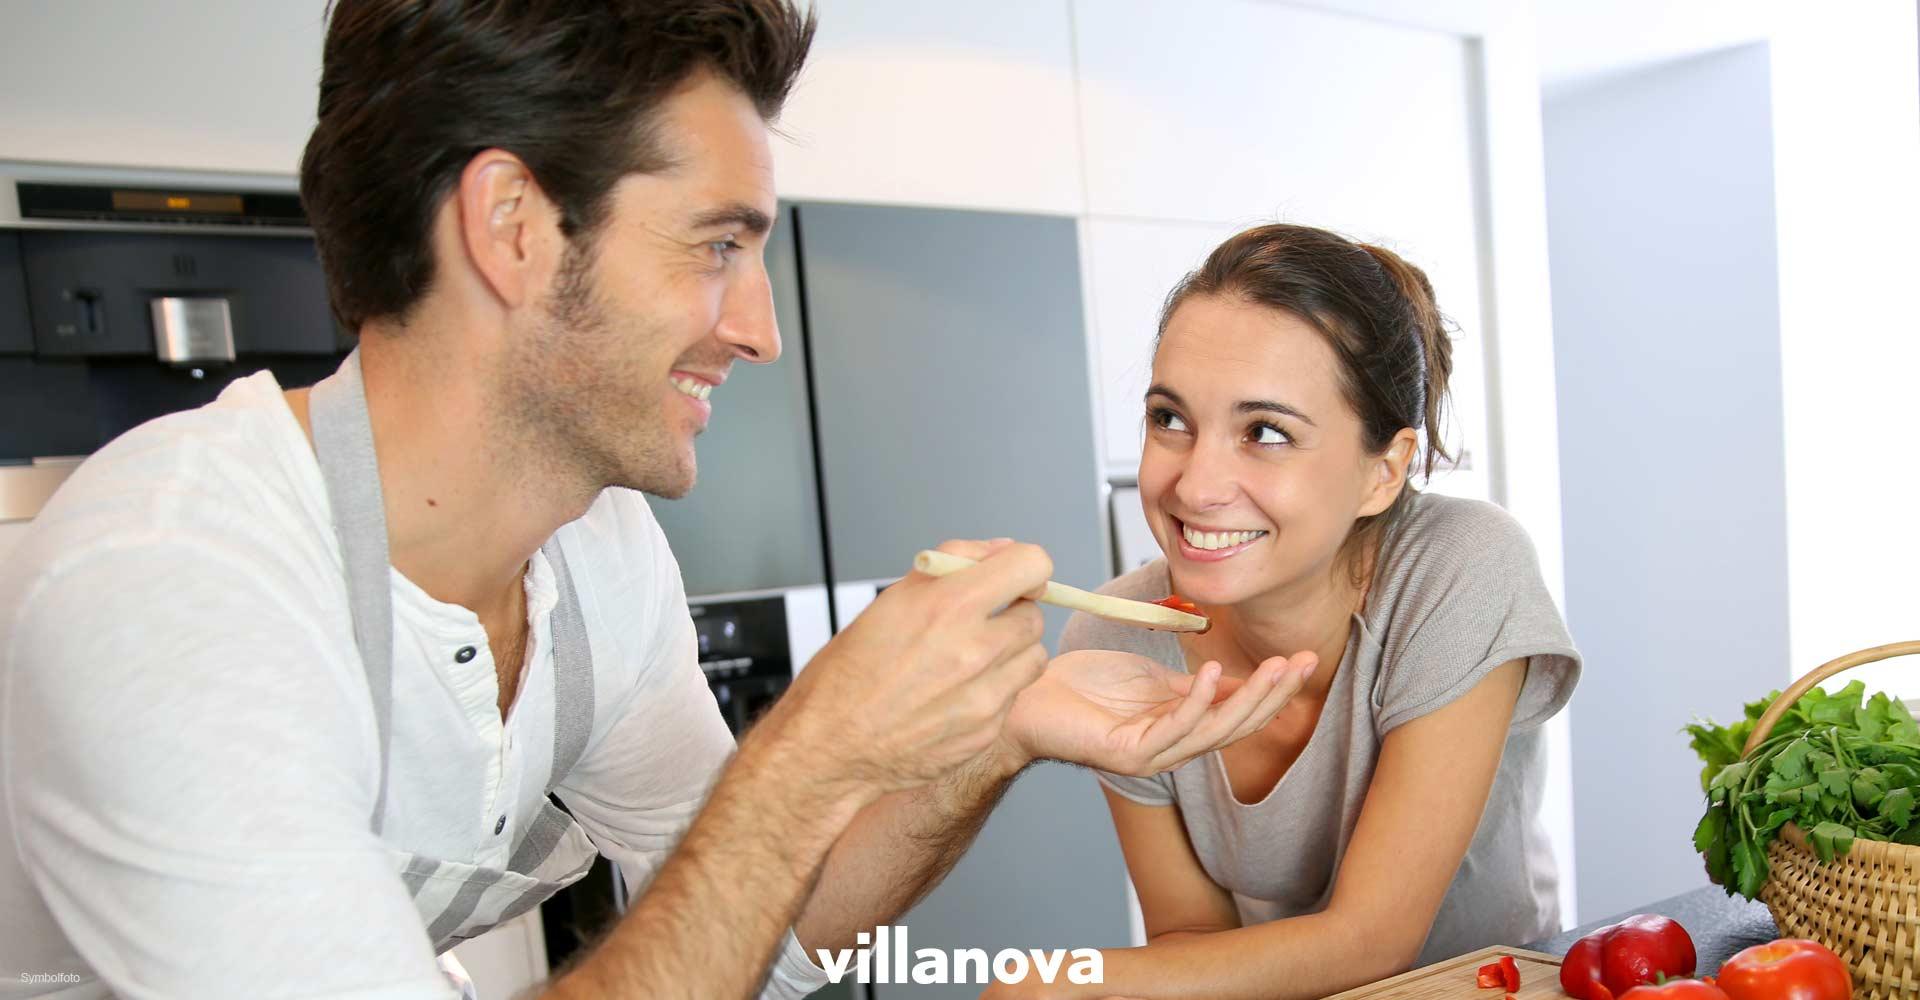 villanova - Ausstattung / Bauausführung